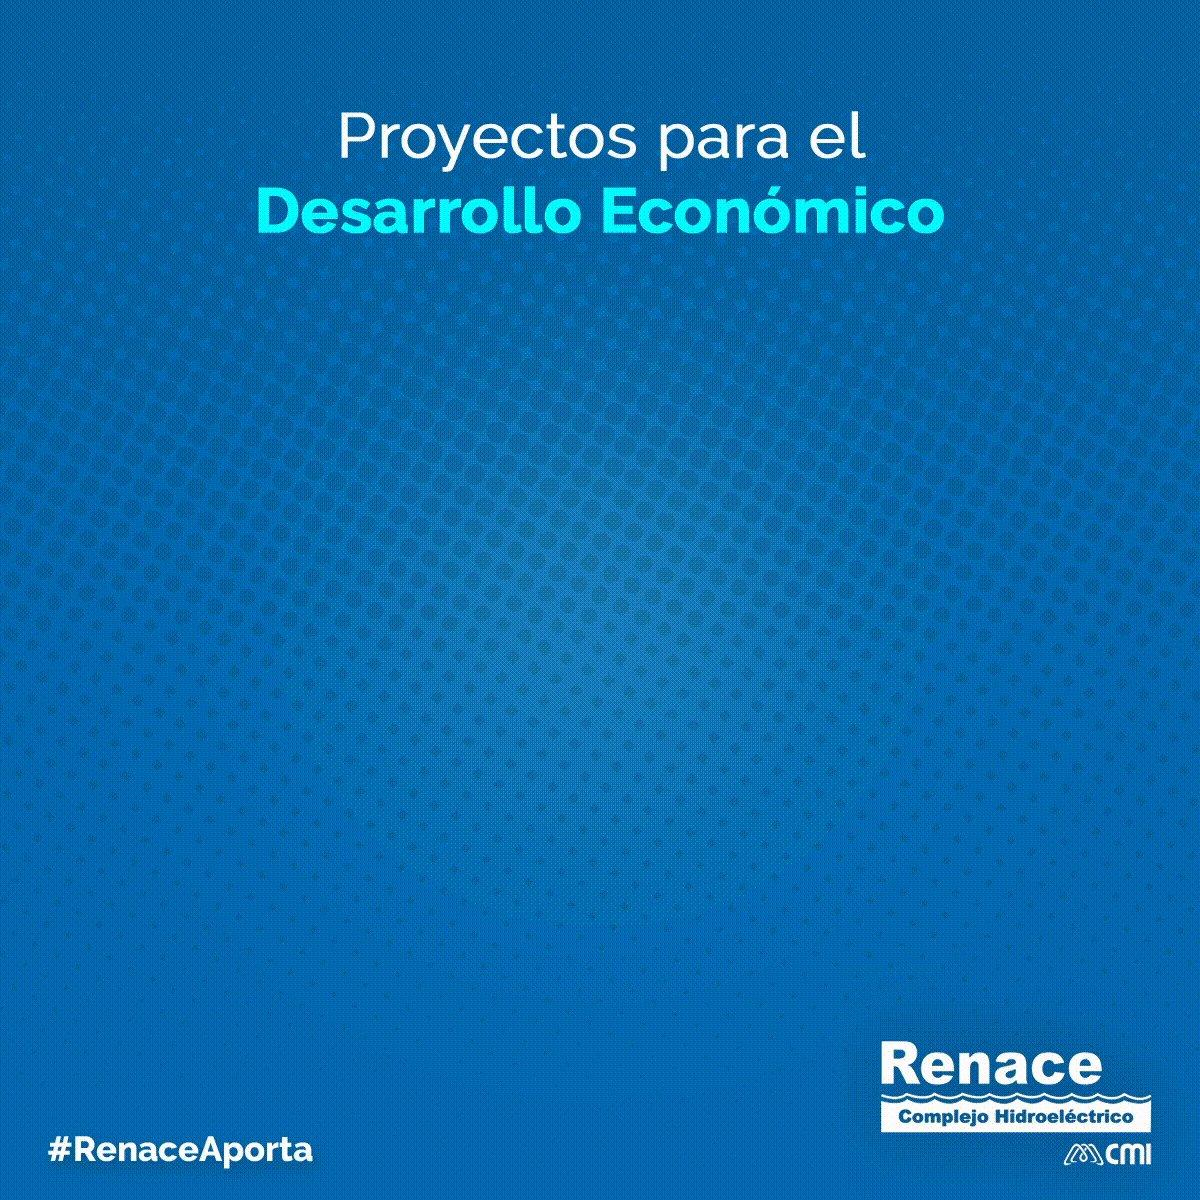 #RenaceAporta incentivando el desarrollo en las 29 comunidades Maya Q'eqchí' de San Pedro Carchá, a través de proyectos enfocados en mejorar la economía de la zona. Conoce cuáles son. https://t.co/t41gnMoYjm